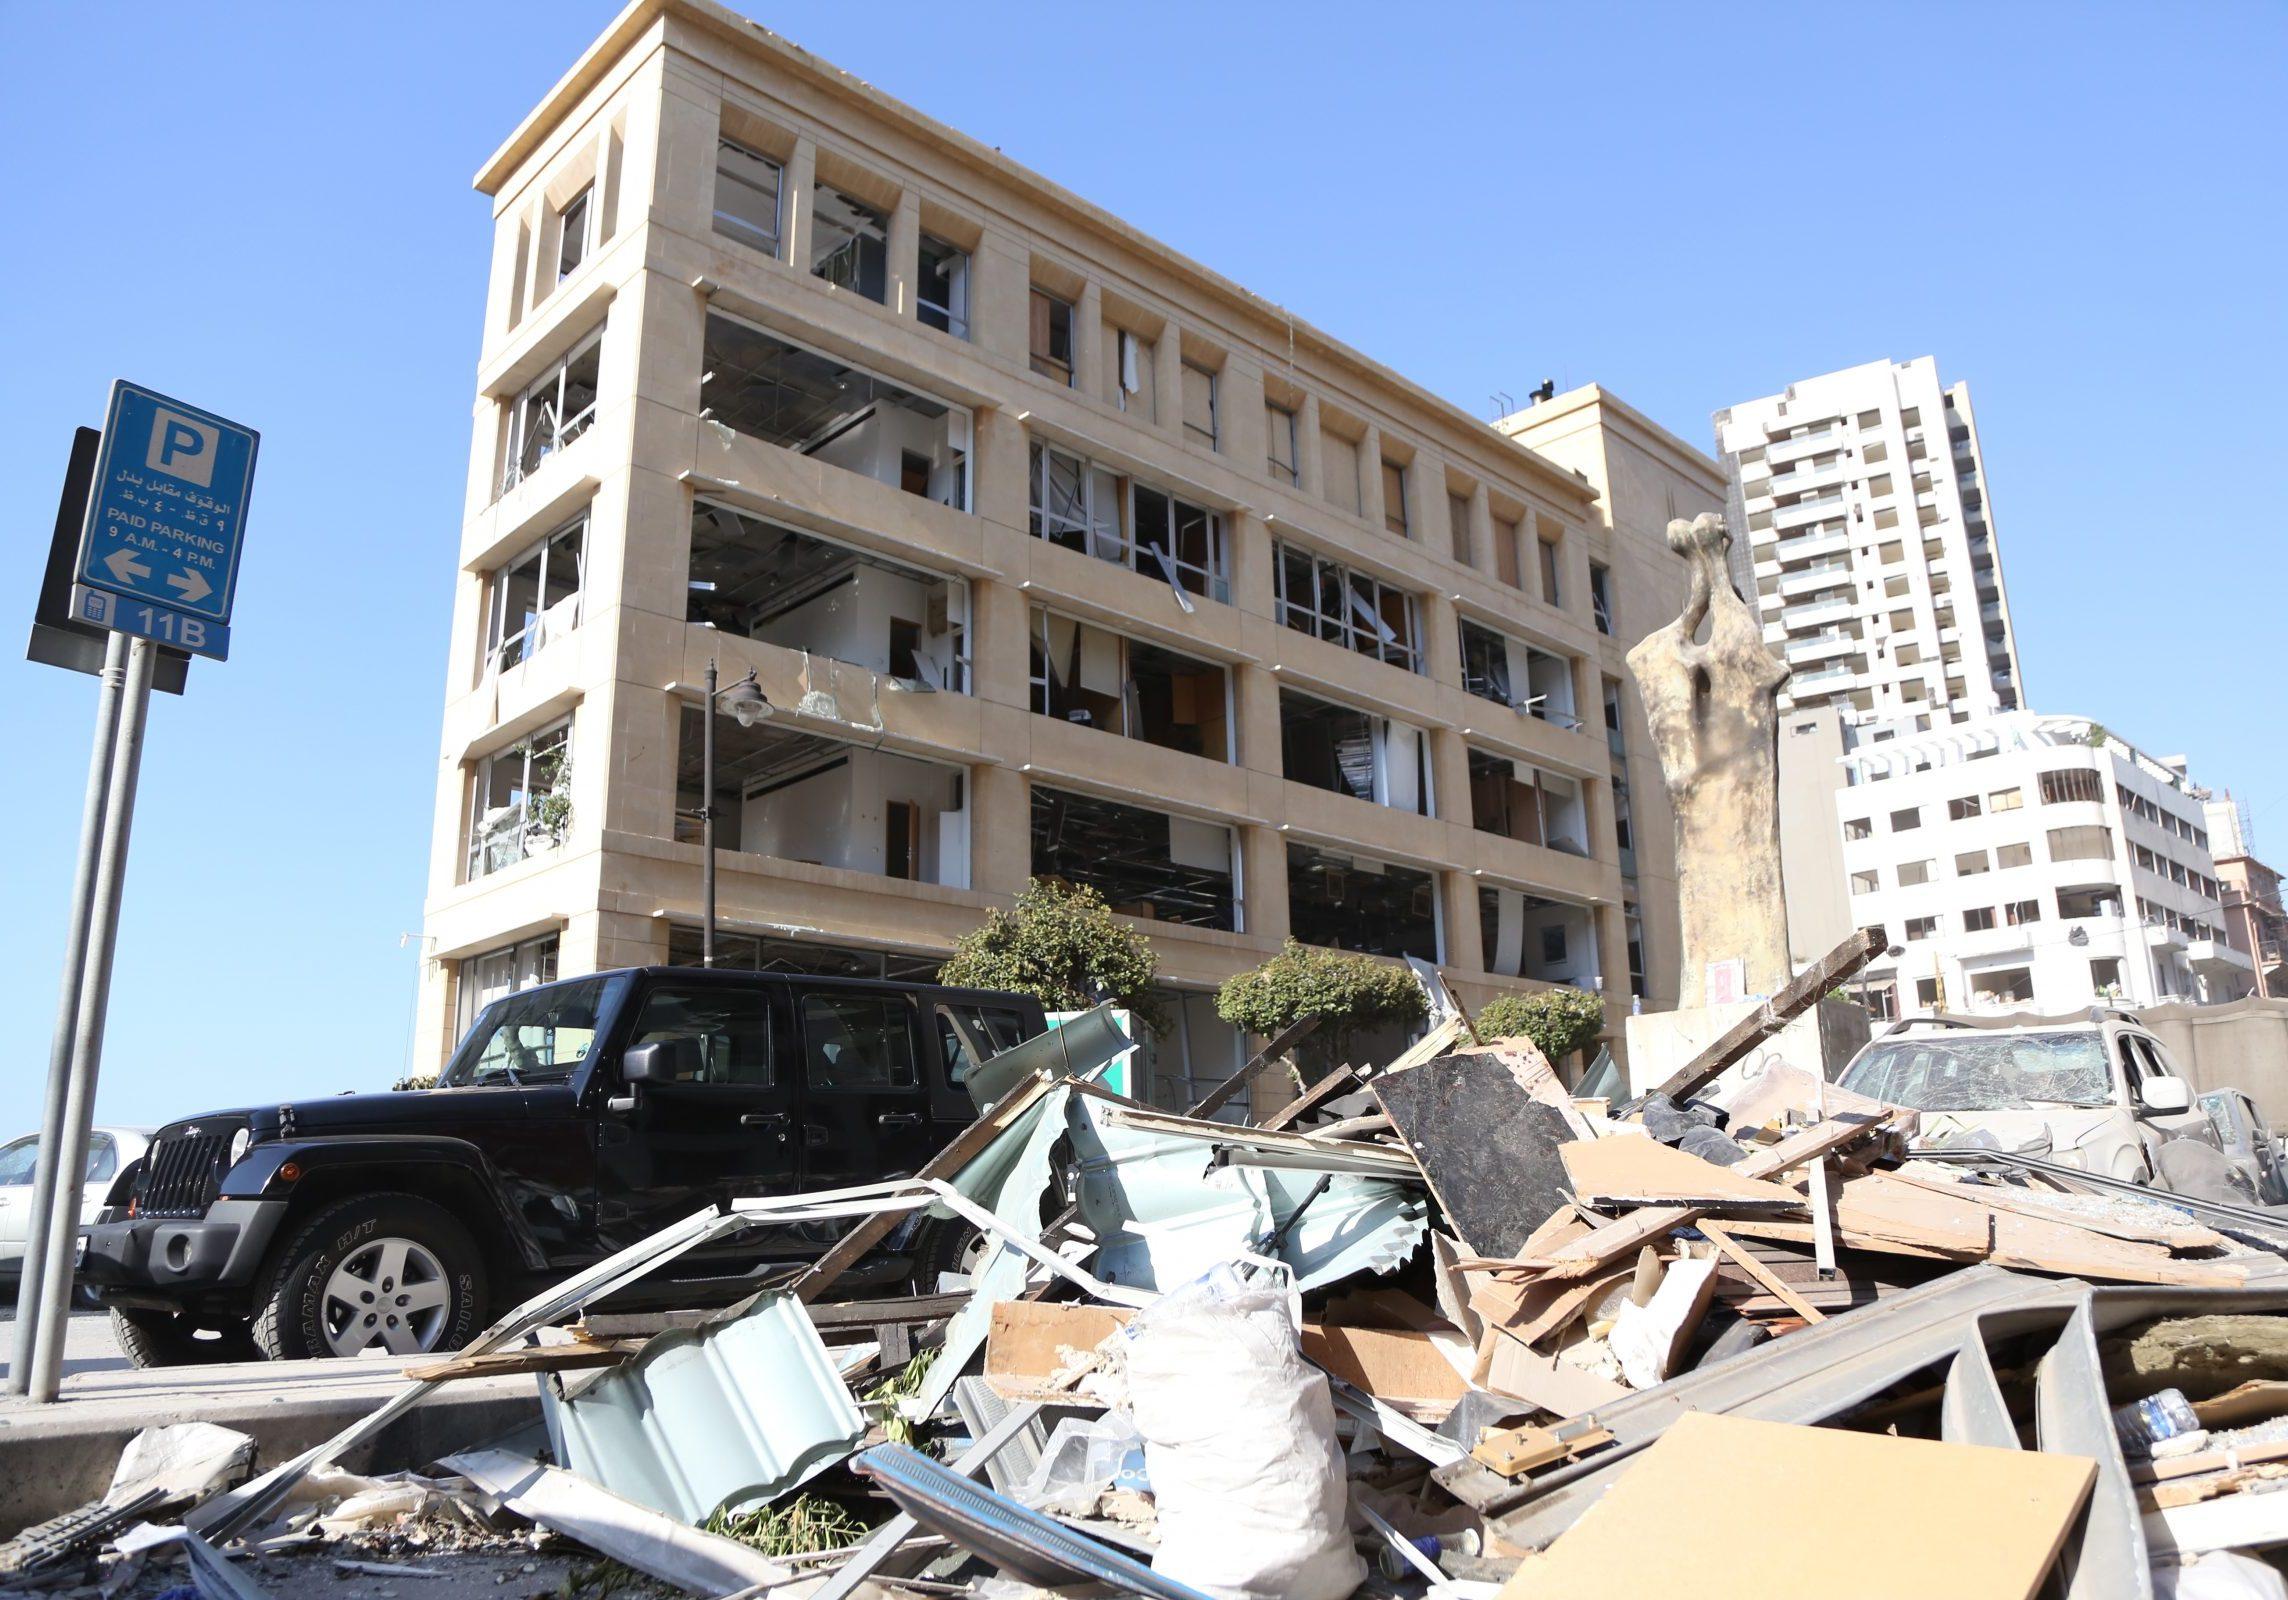 Het huidige straatbeeld van de miljoenenstad Beiroet.